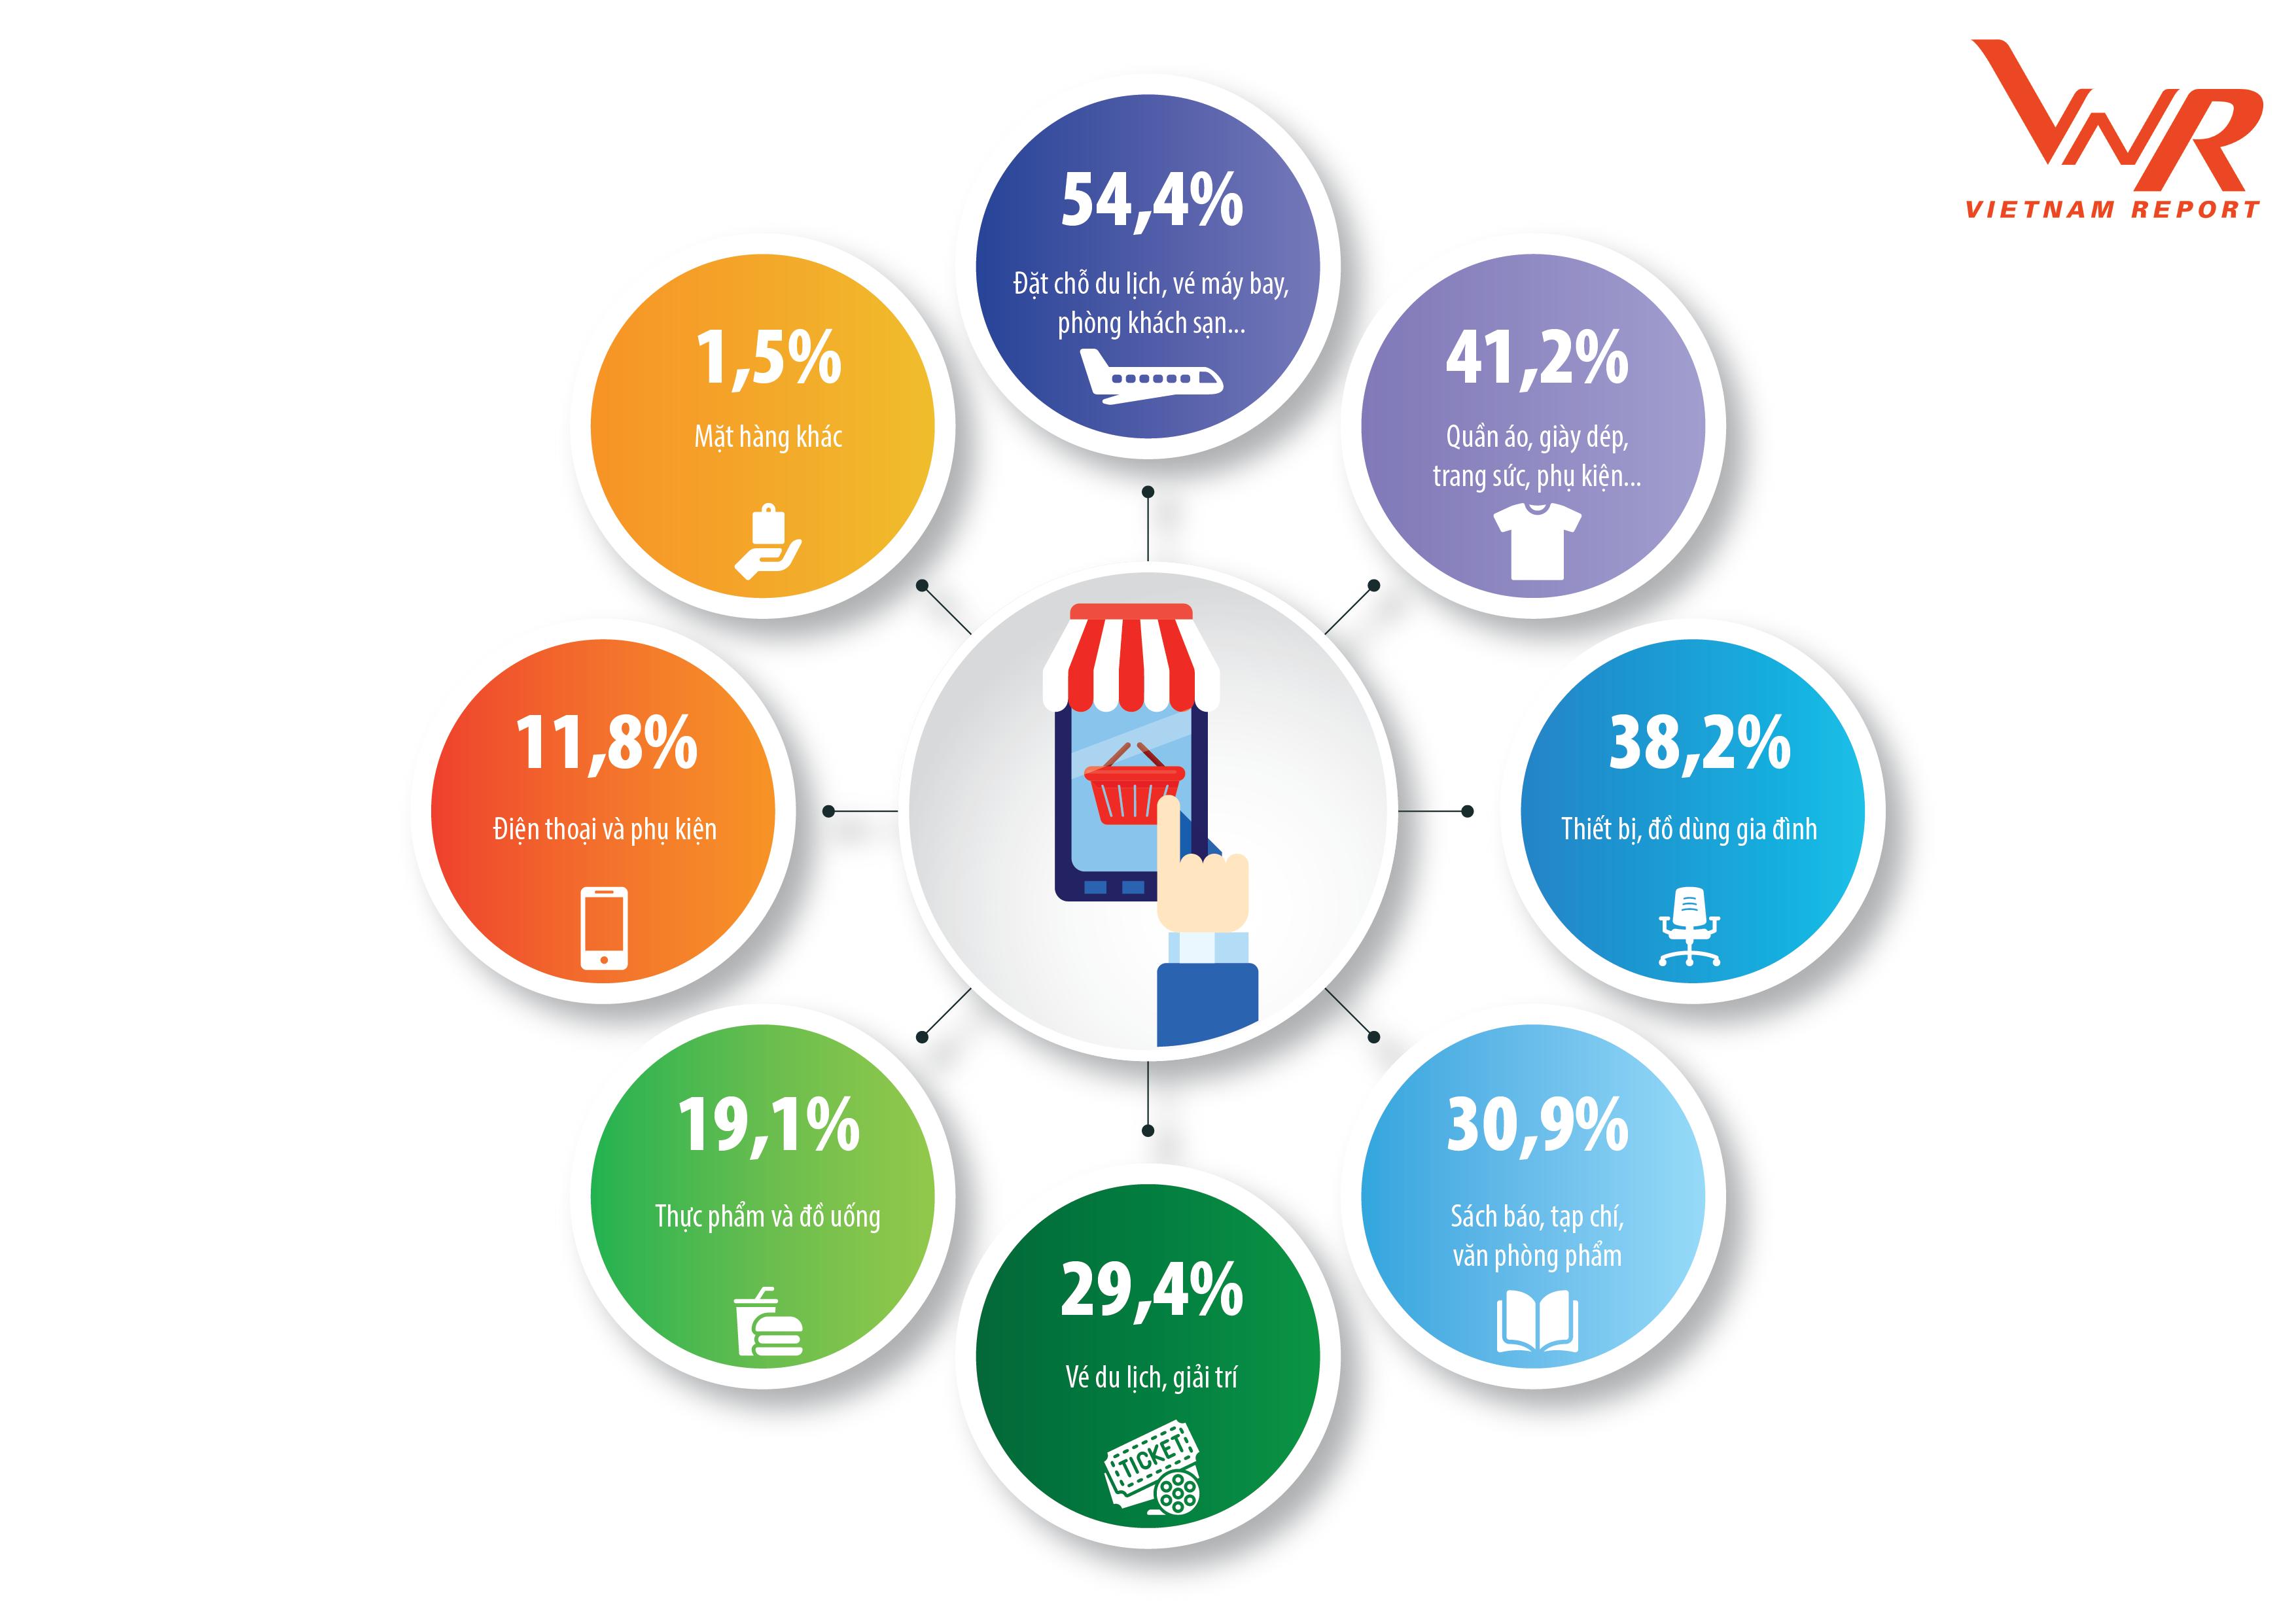 Thị trường bán lẻ thay đổi đáp ứng nhu cầu người tiêu dùng